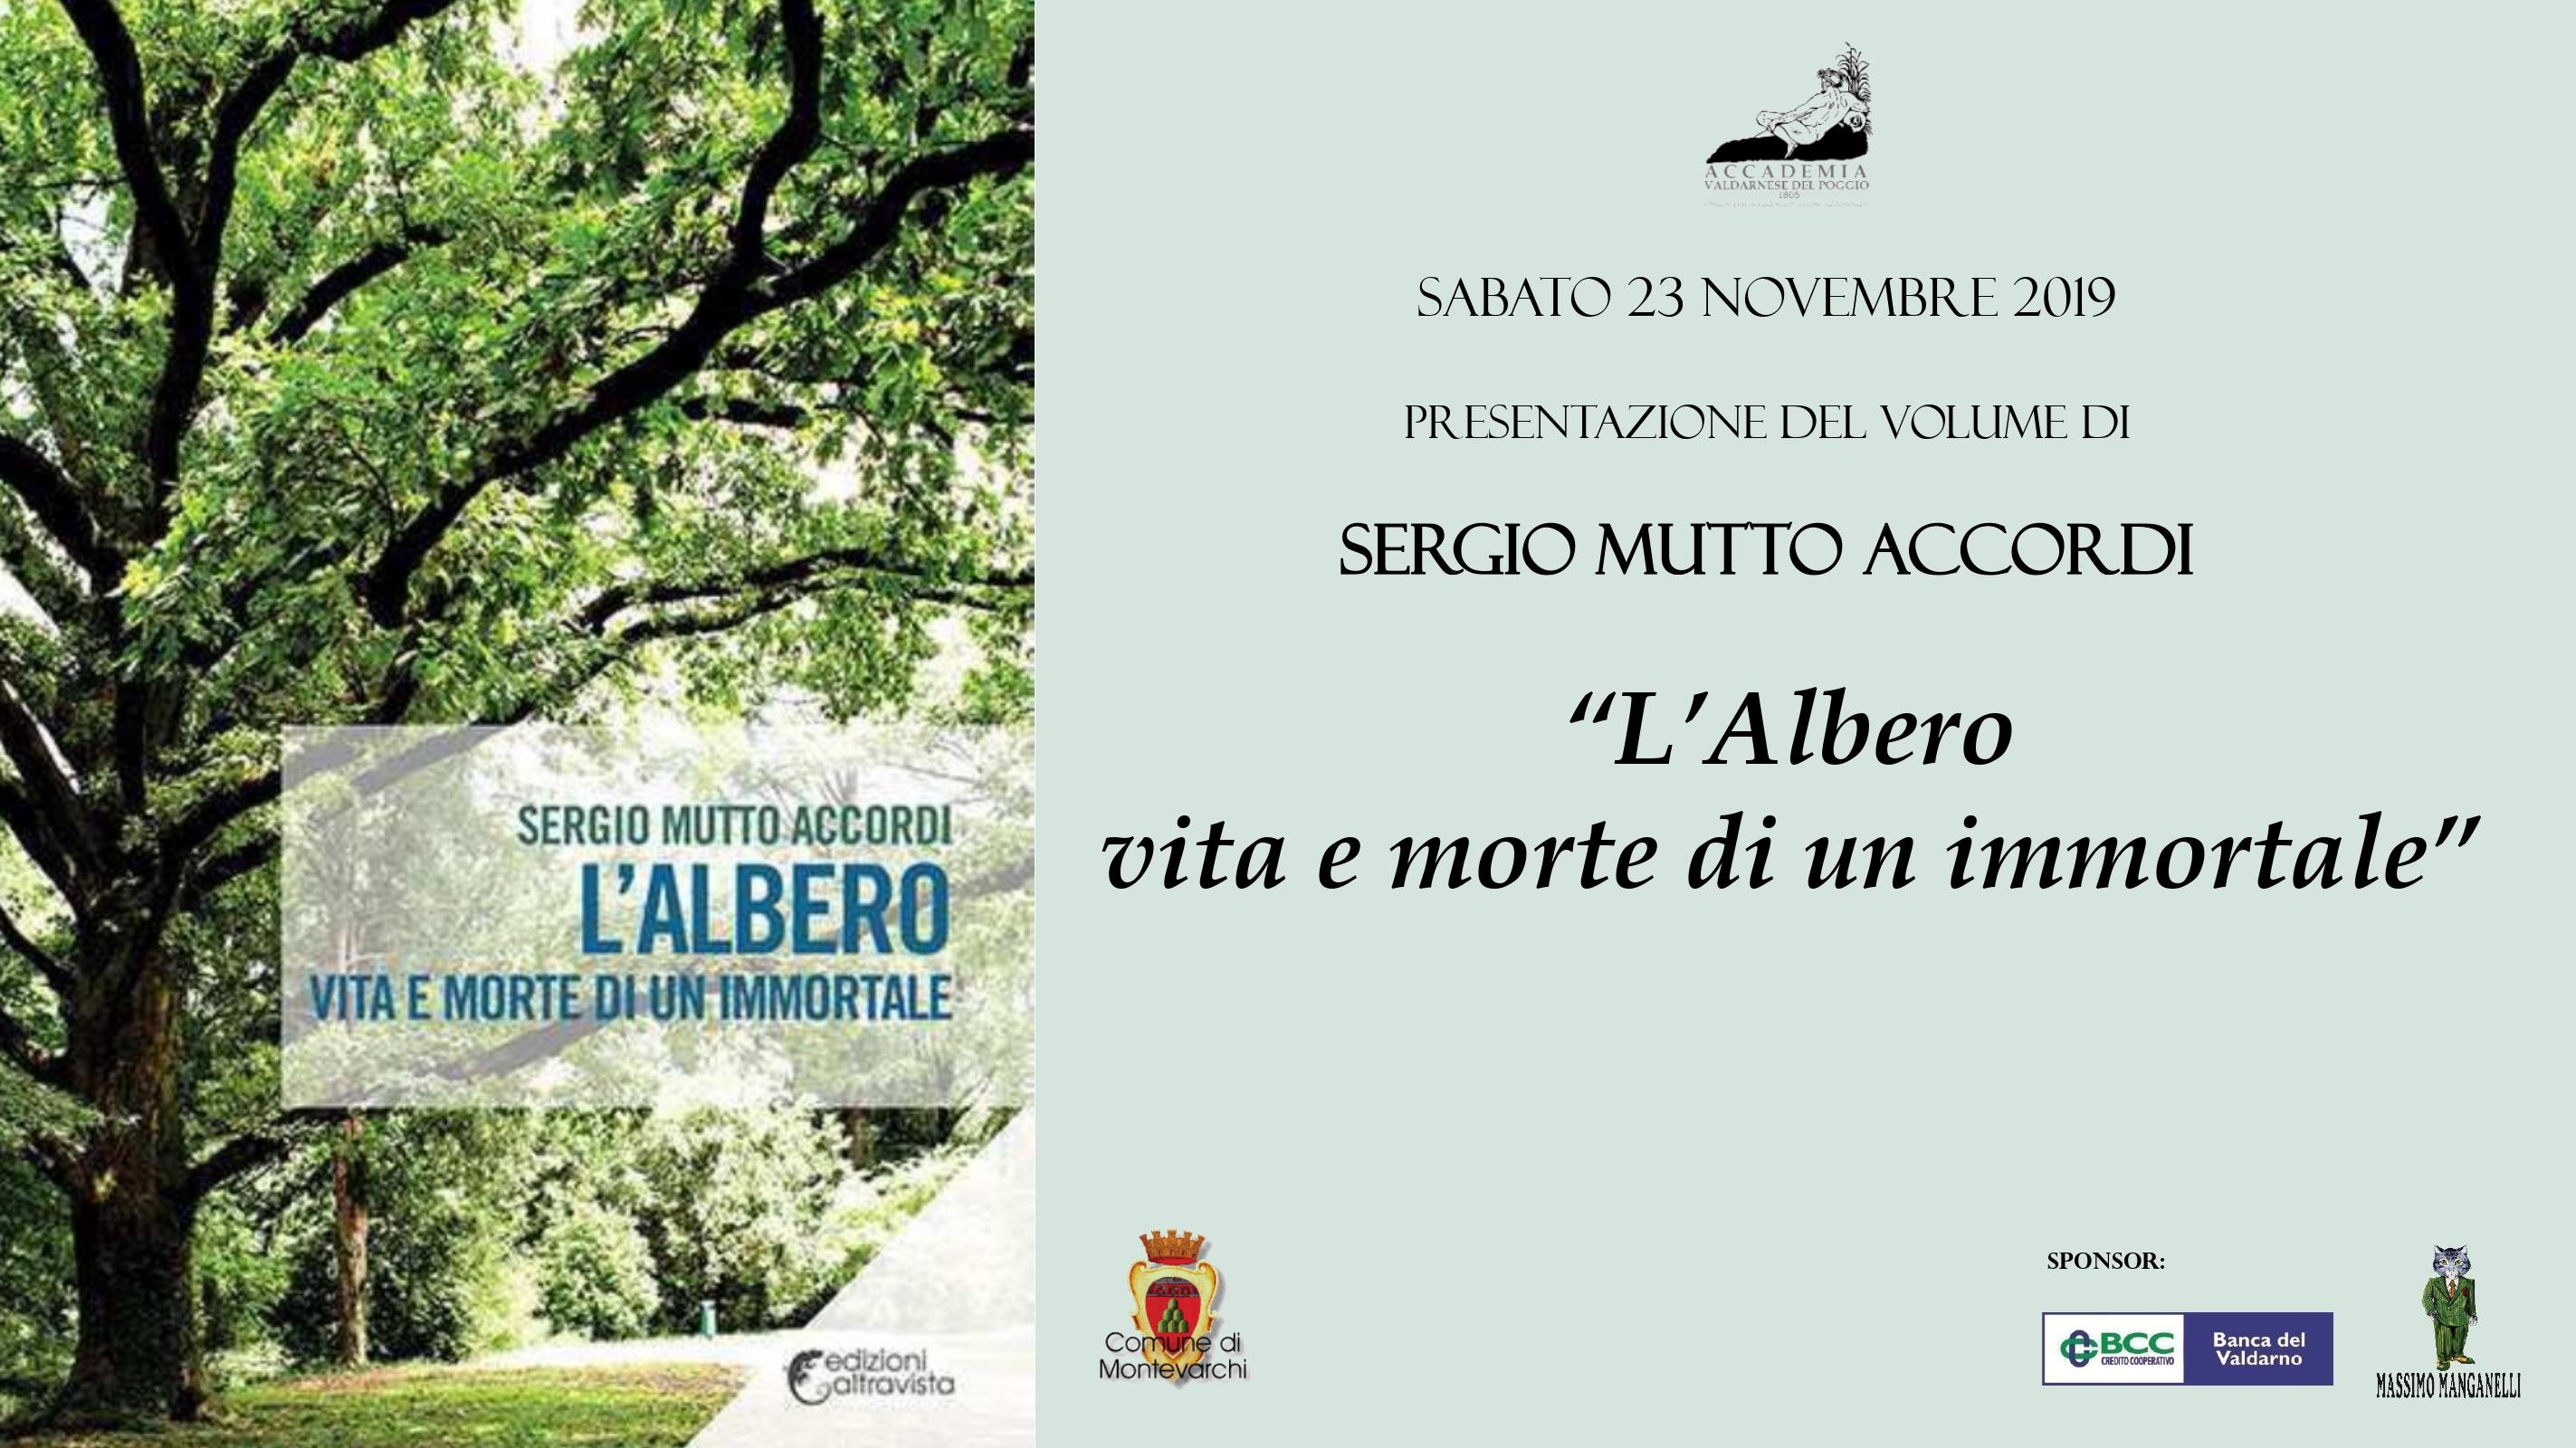 Sergio Mutto Accordi